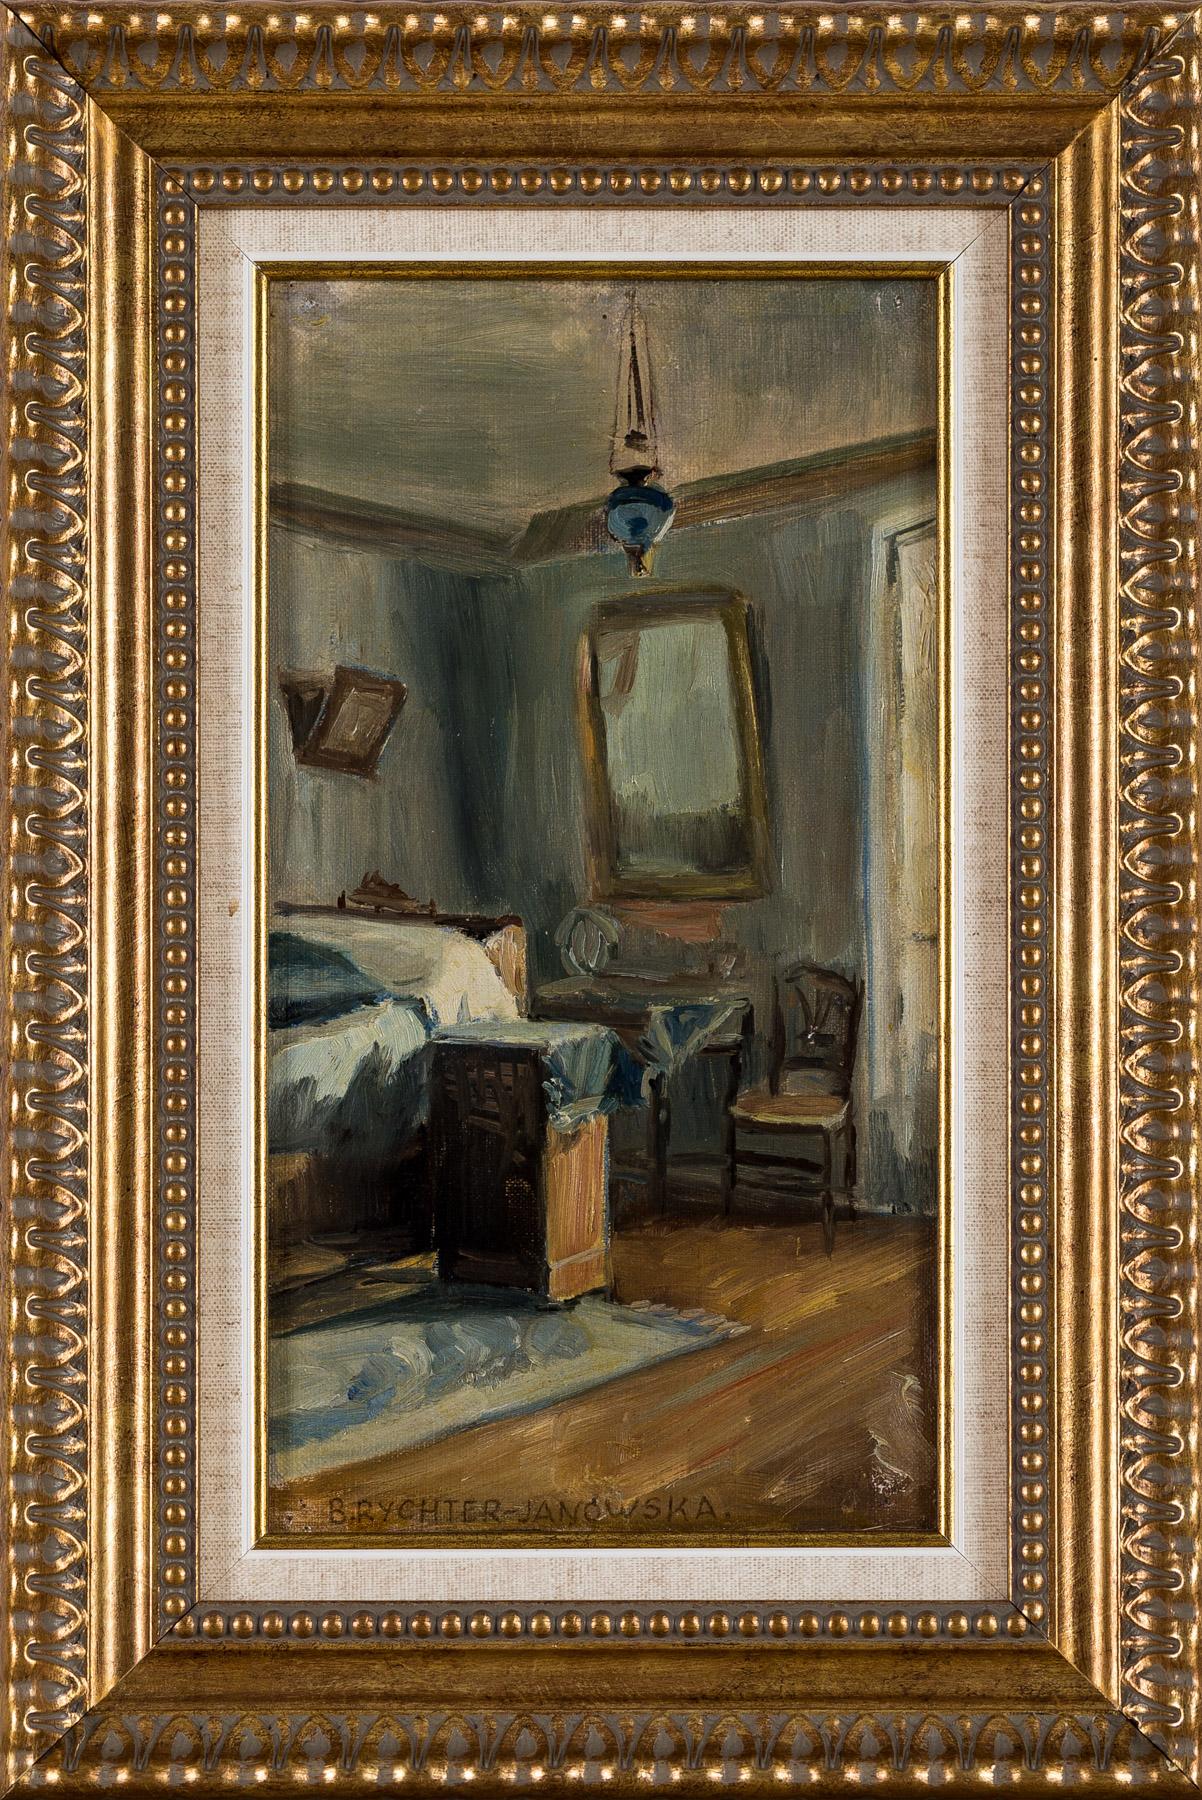 Wnętrze saloniku